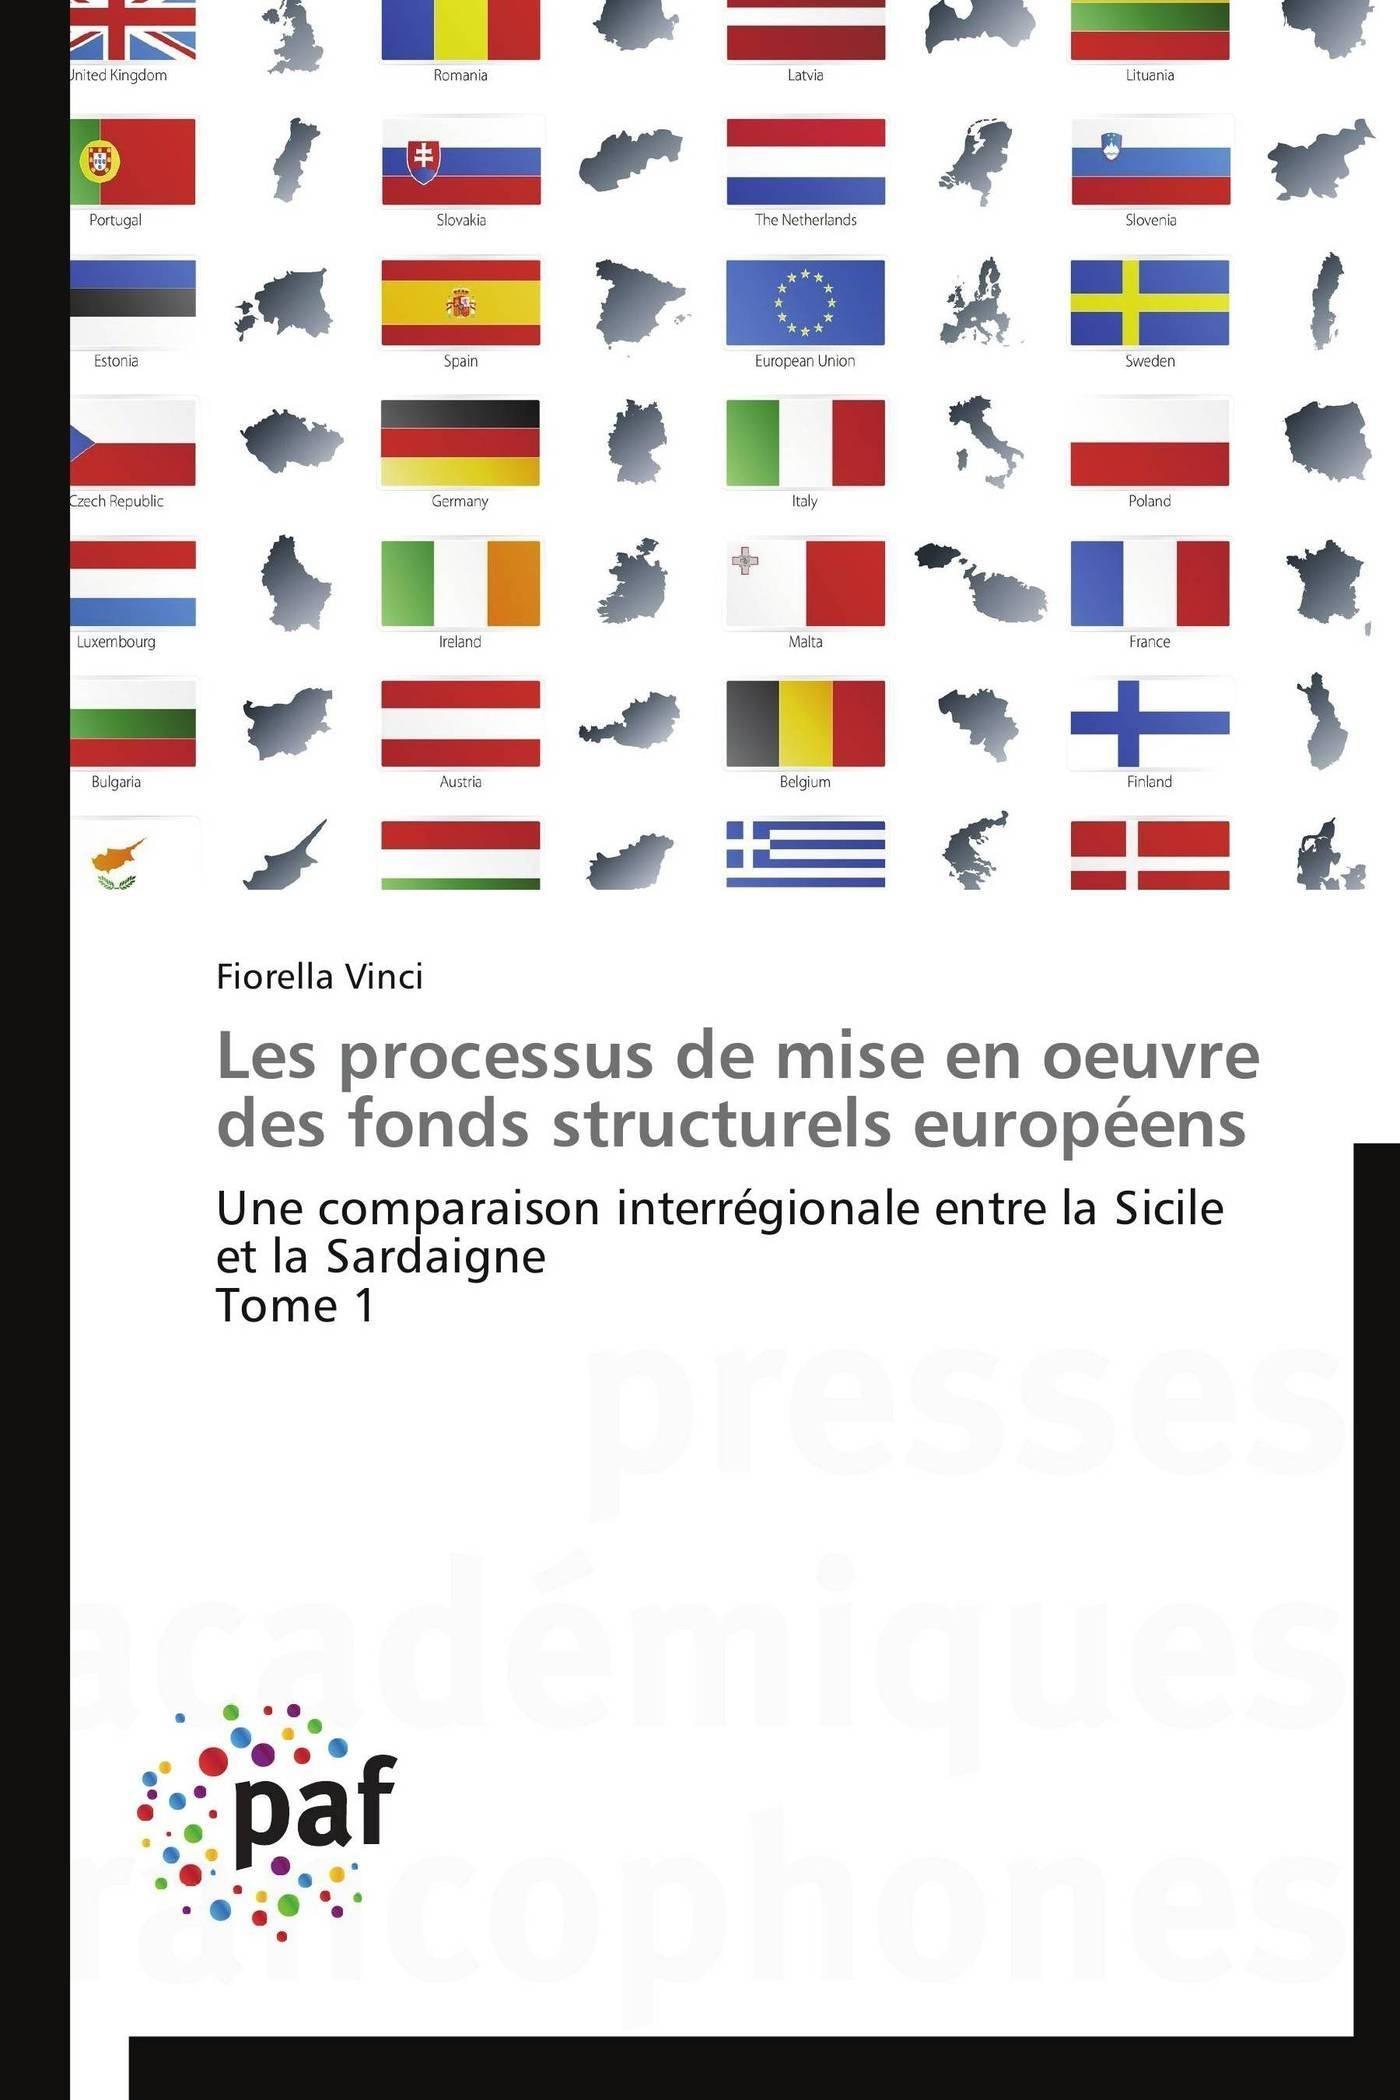 LES PROCESSUS DE MISE EN OEUVRE DES FONDS STRUCTURELS EUROPEENS